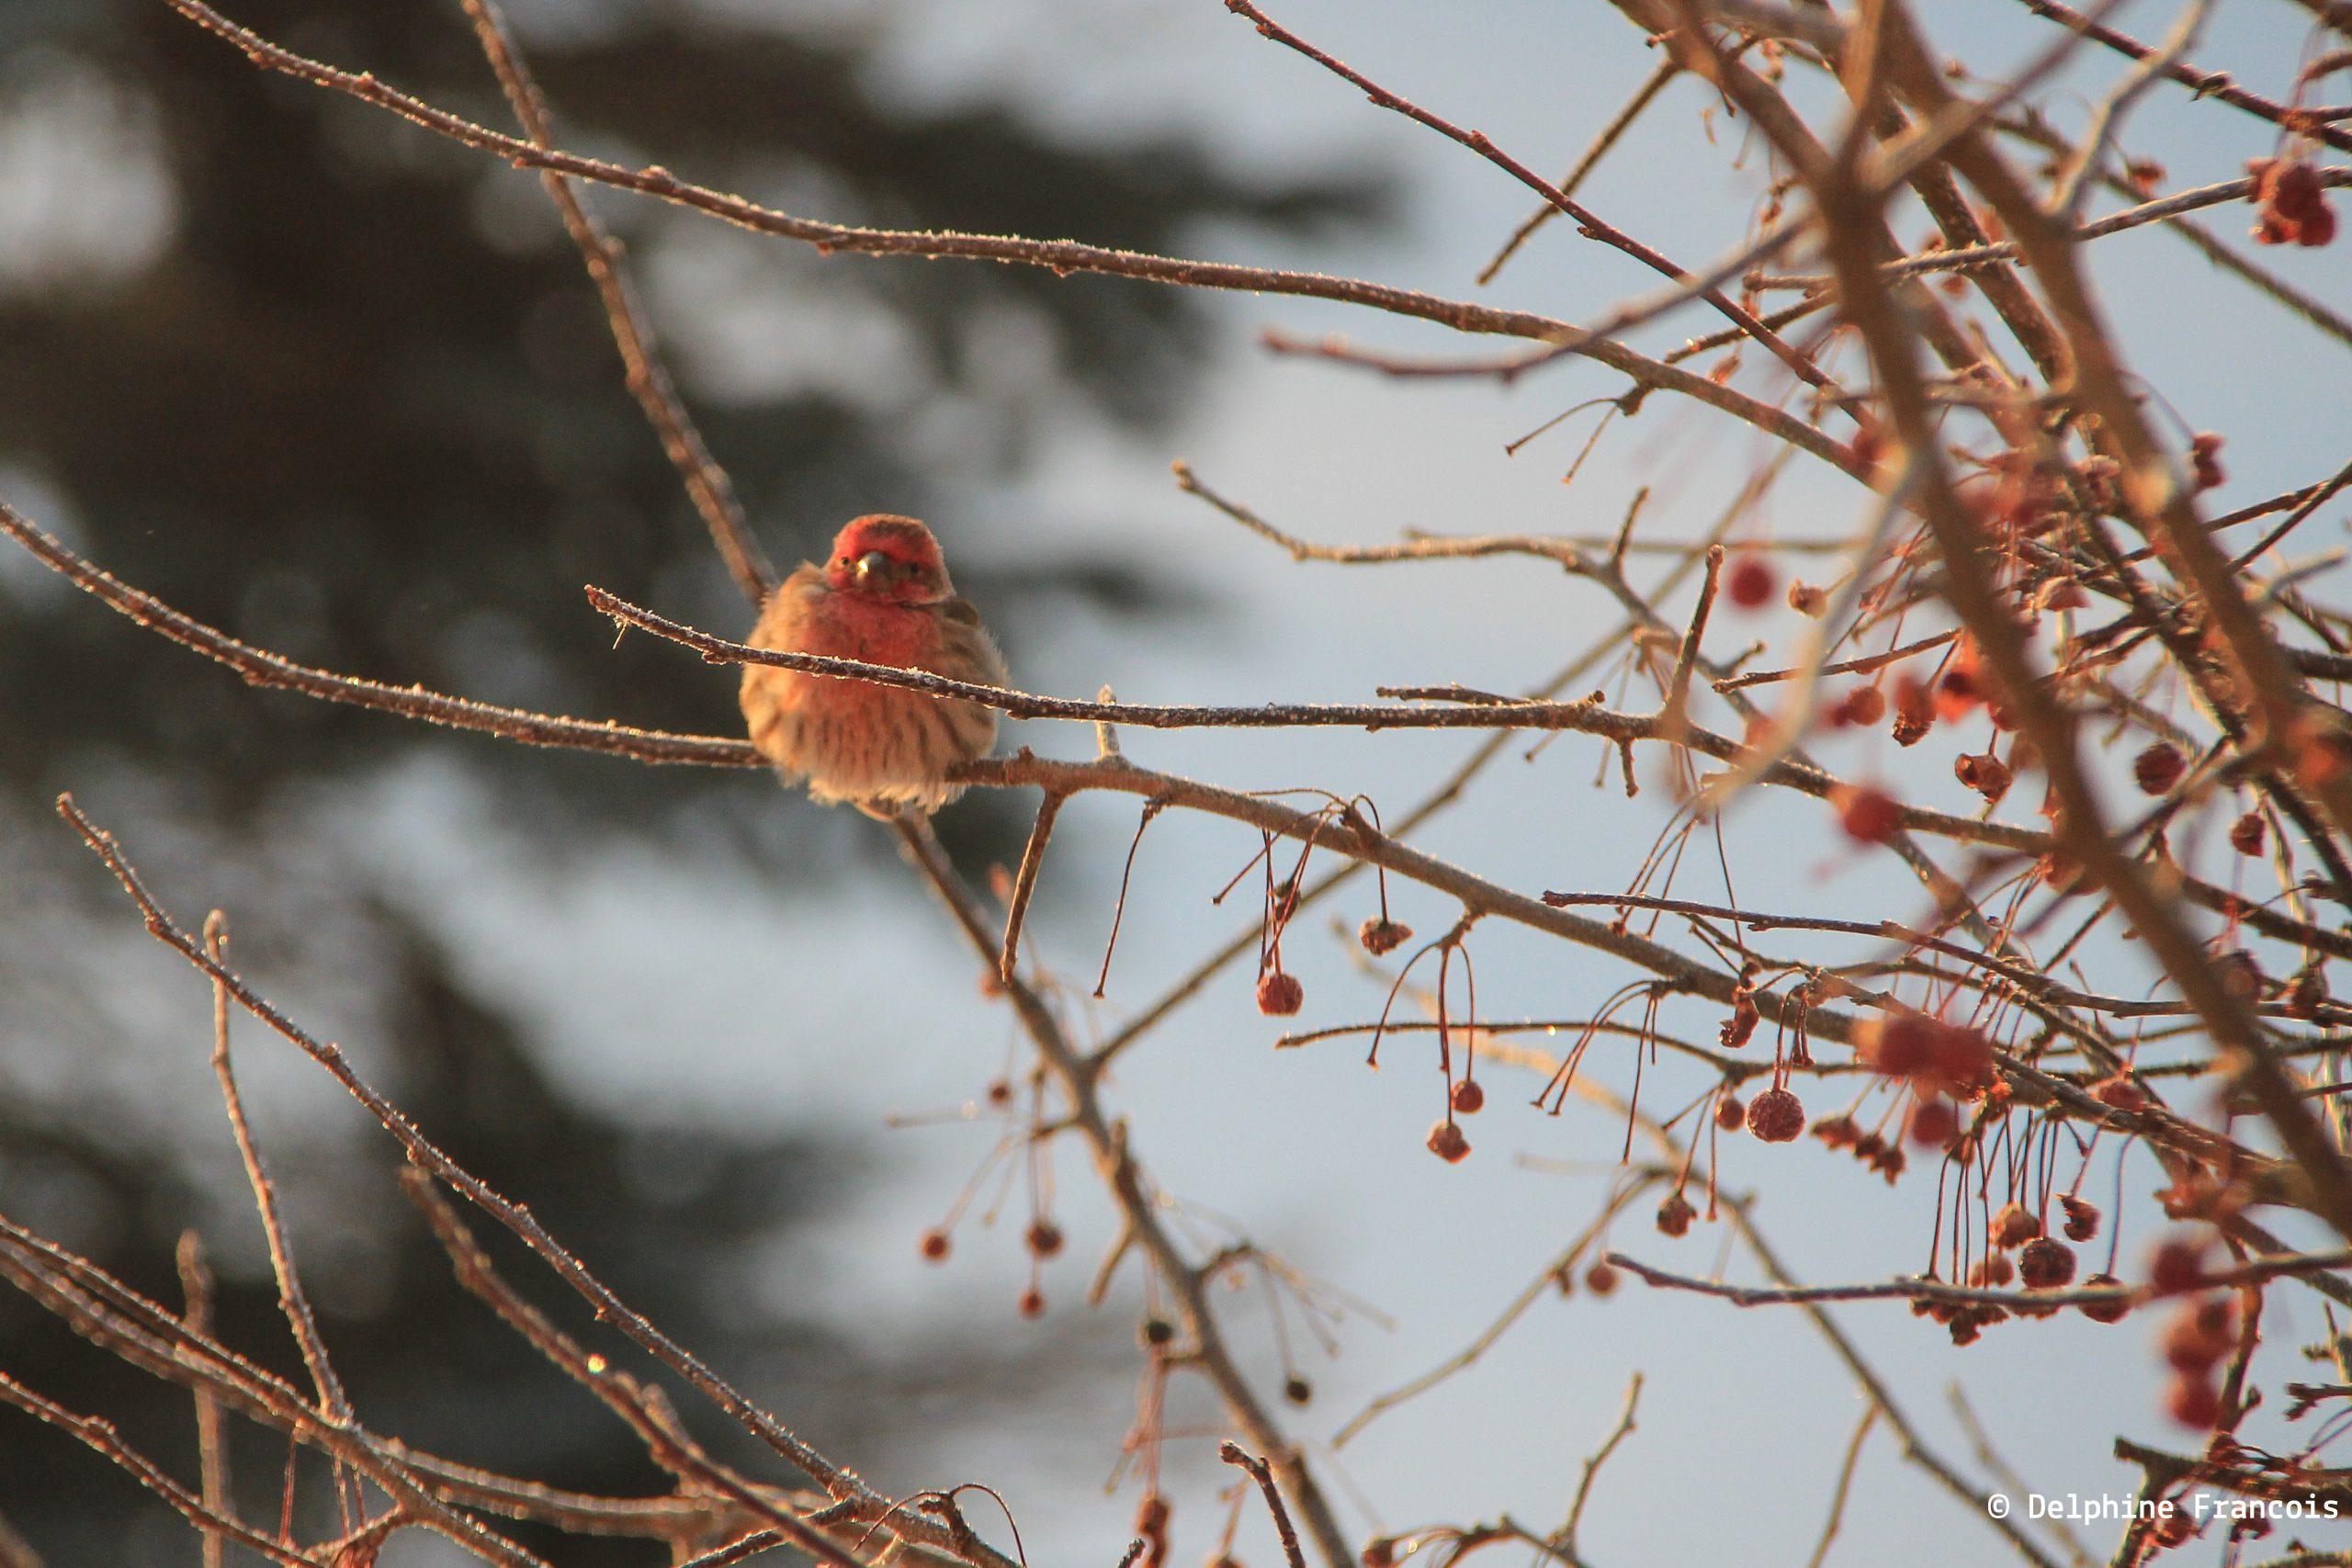 un oiseau lutte contre le grand froid cramponne a une branche